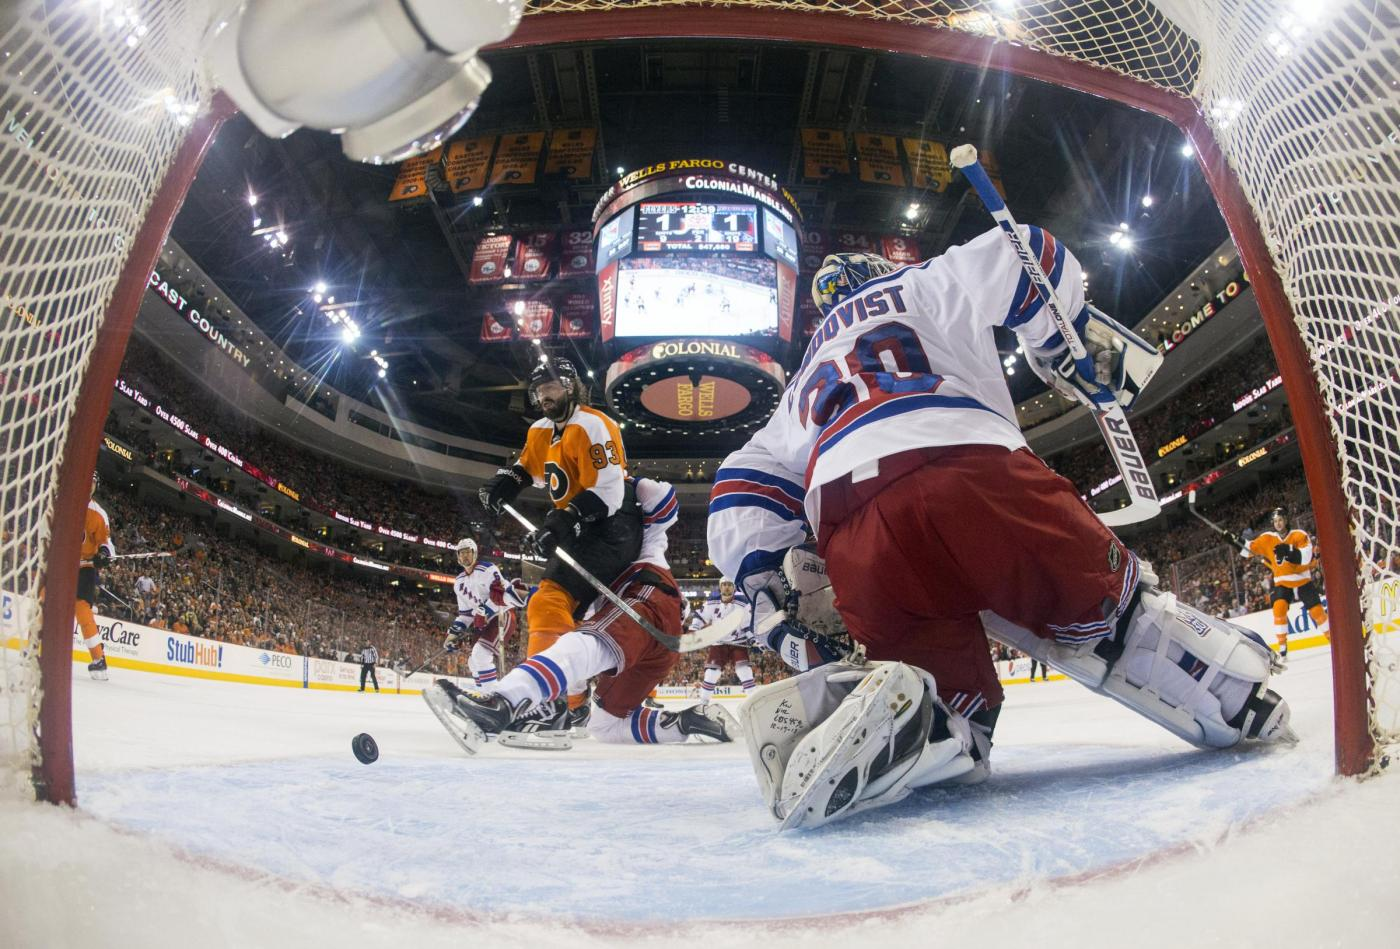 Pronostici NHL 29 dicembre, tante partite, ostacolo Hurricanes per i Capitals